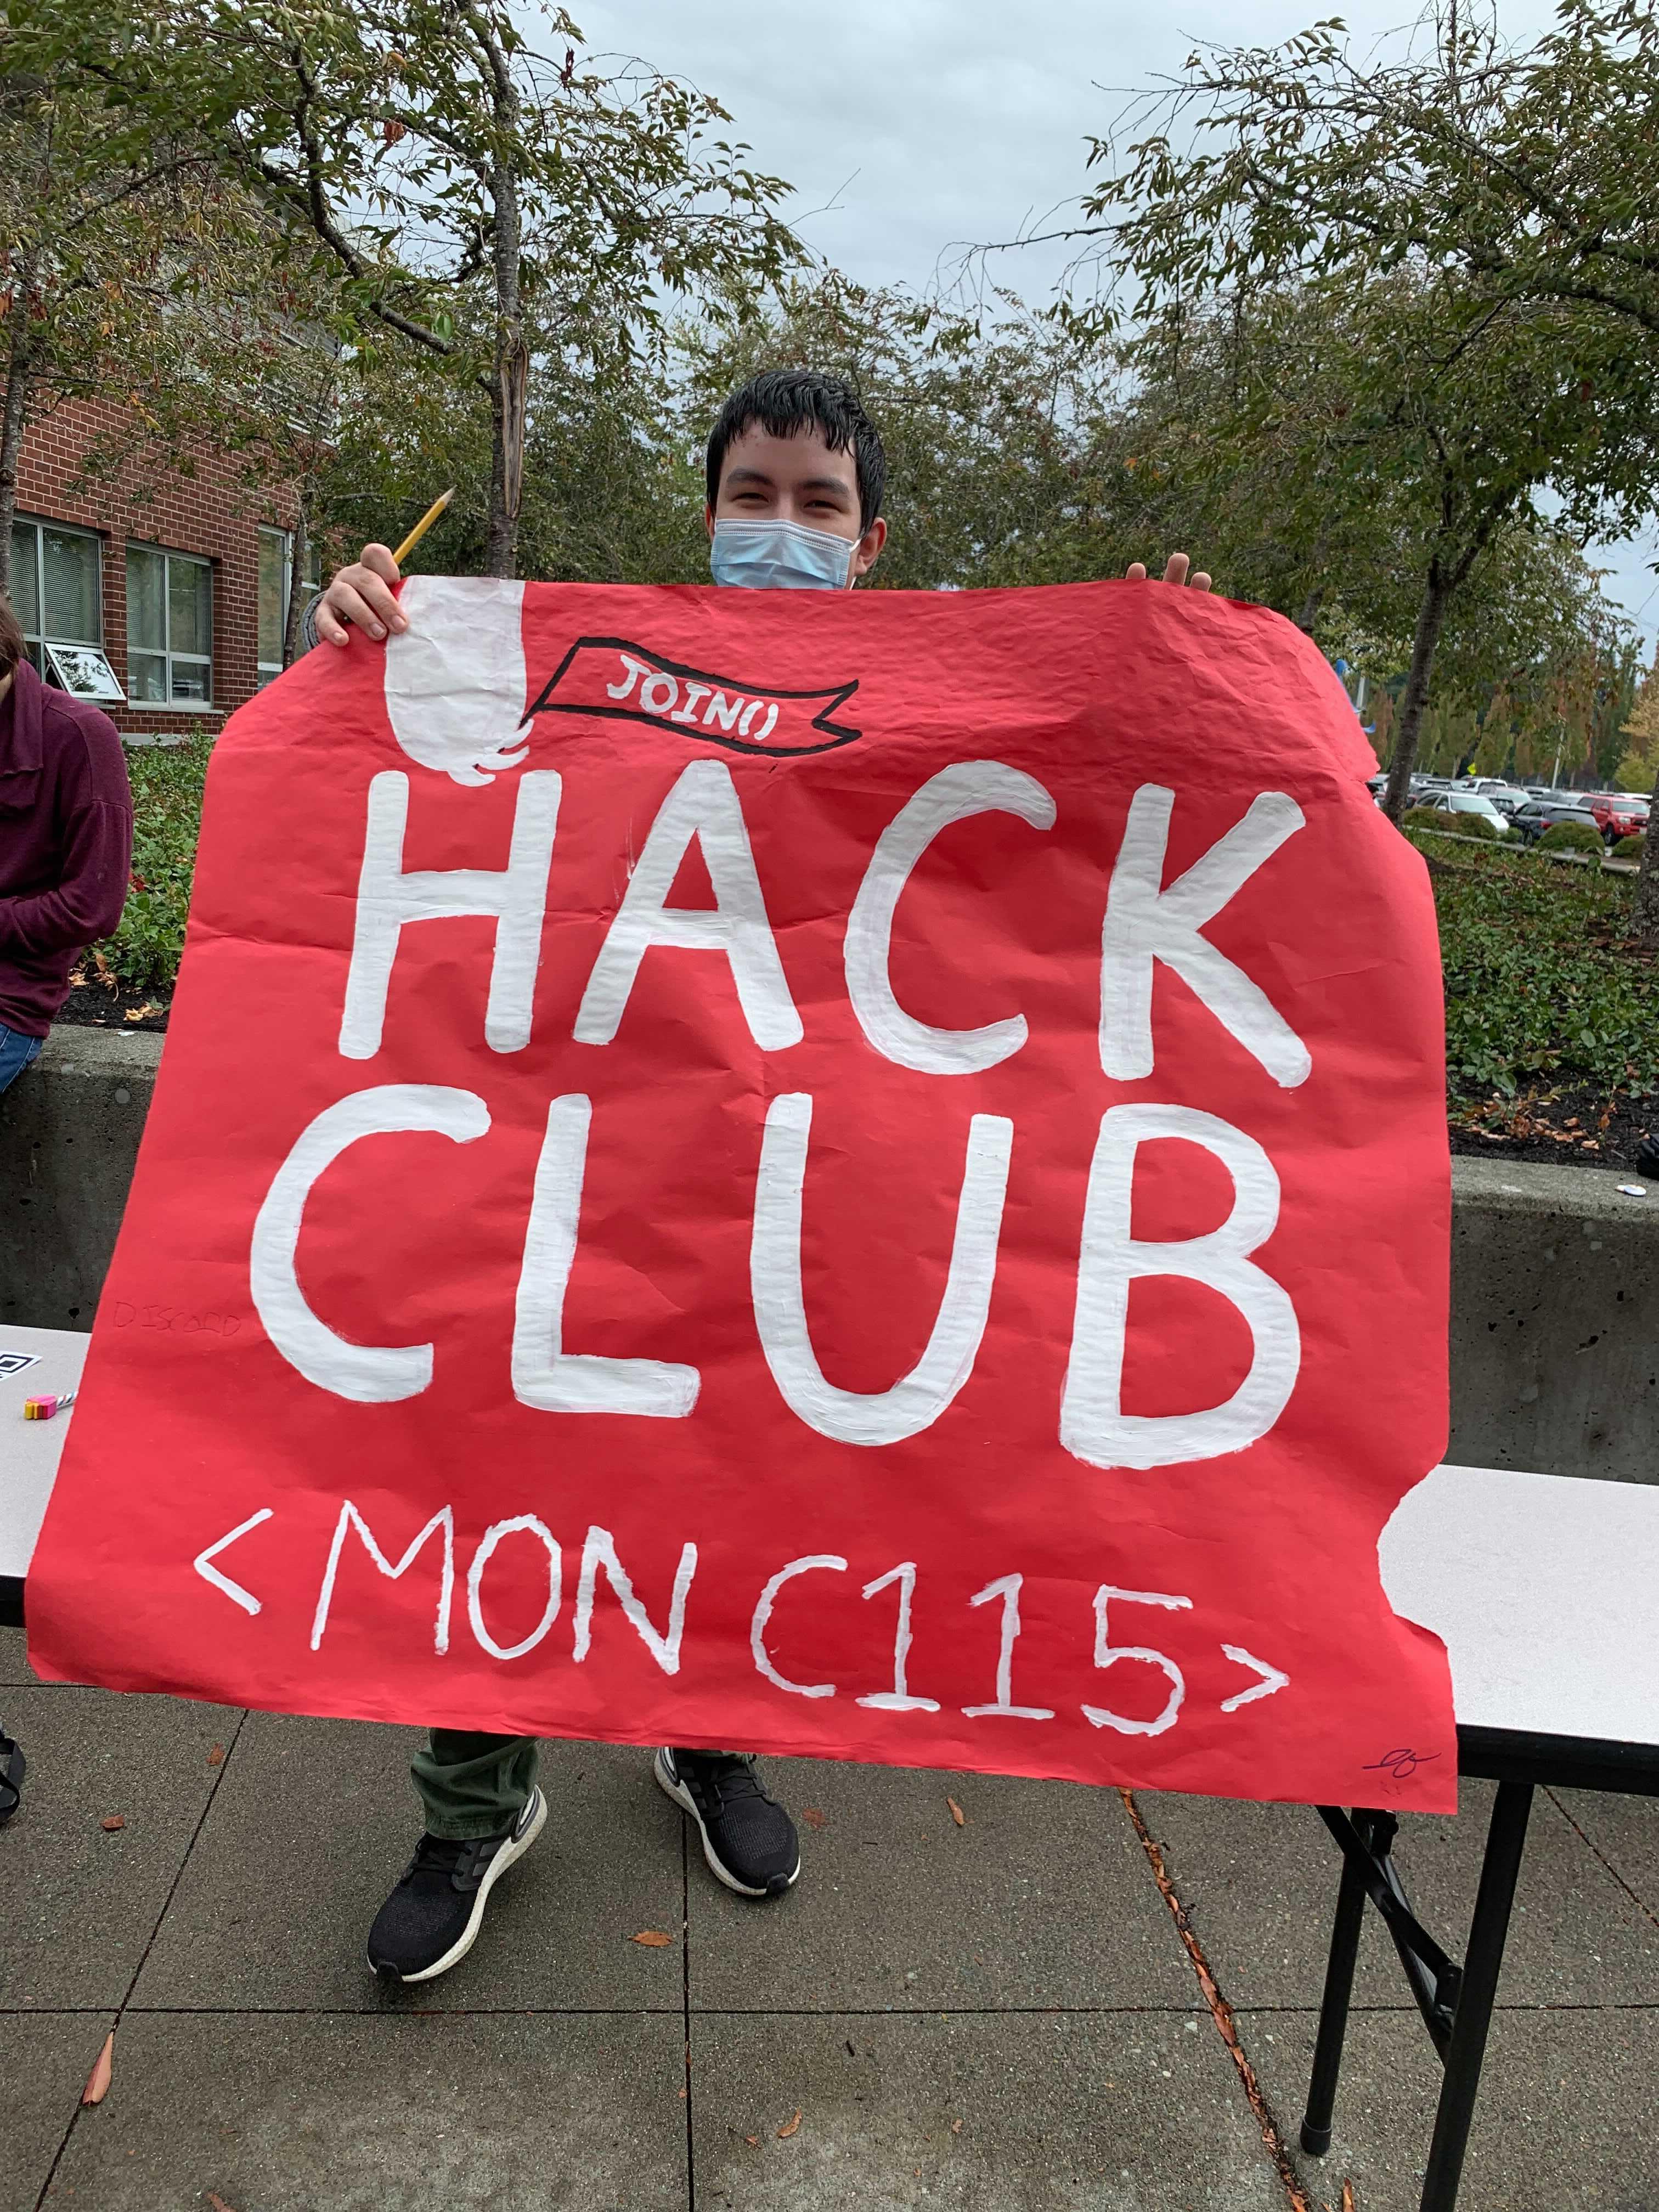 https://cloud-1jigoe382-hack-club-bot.vercel.app/0image_from_ios.jpg